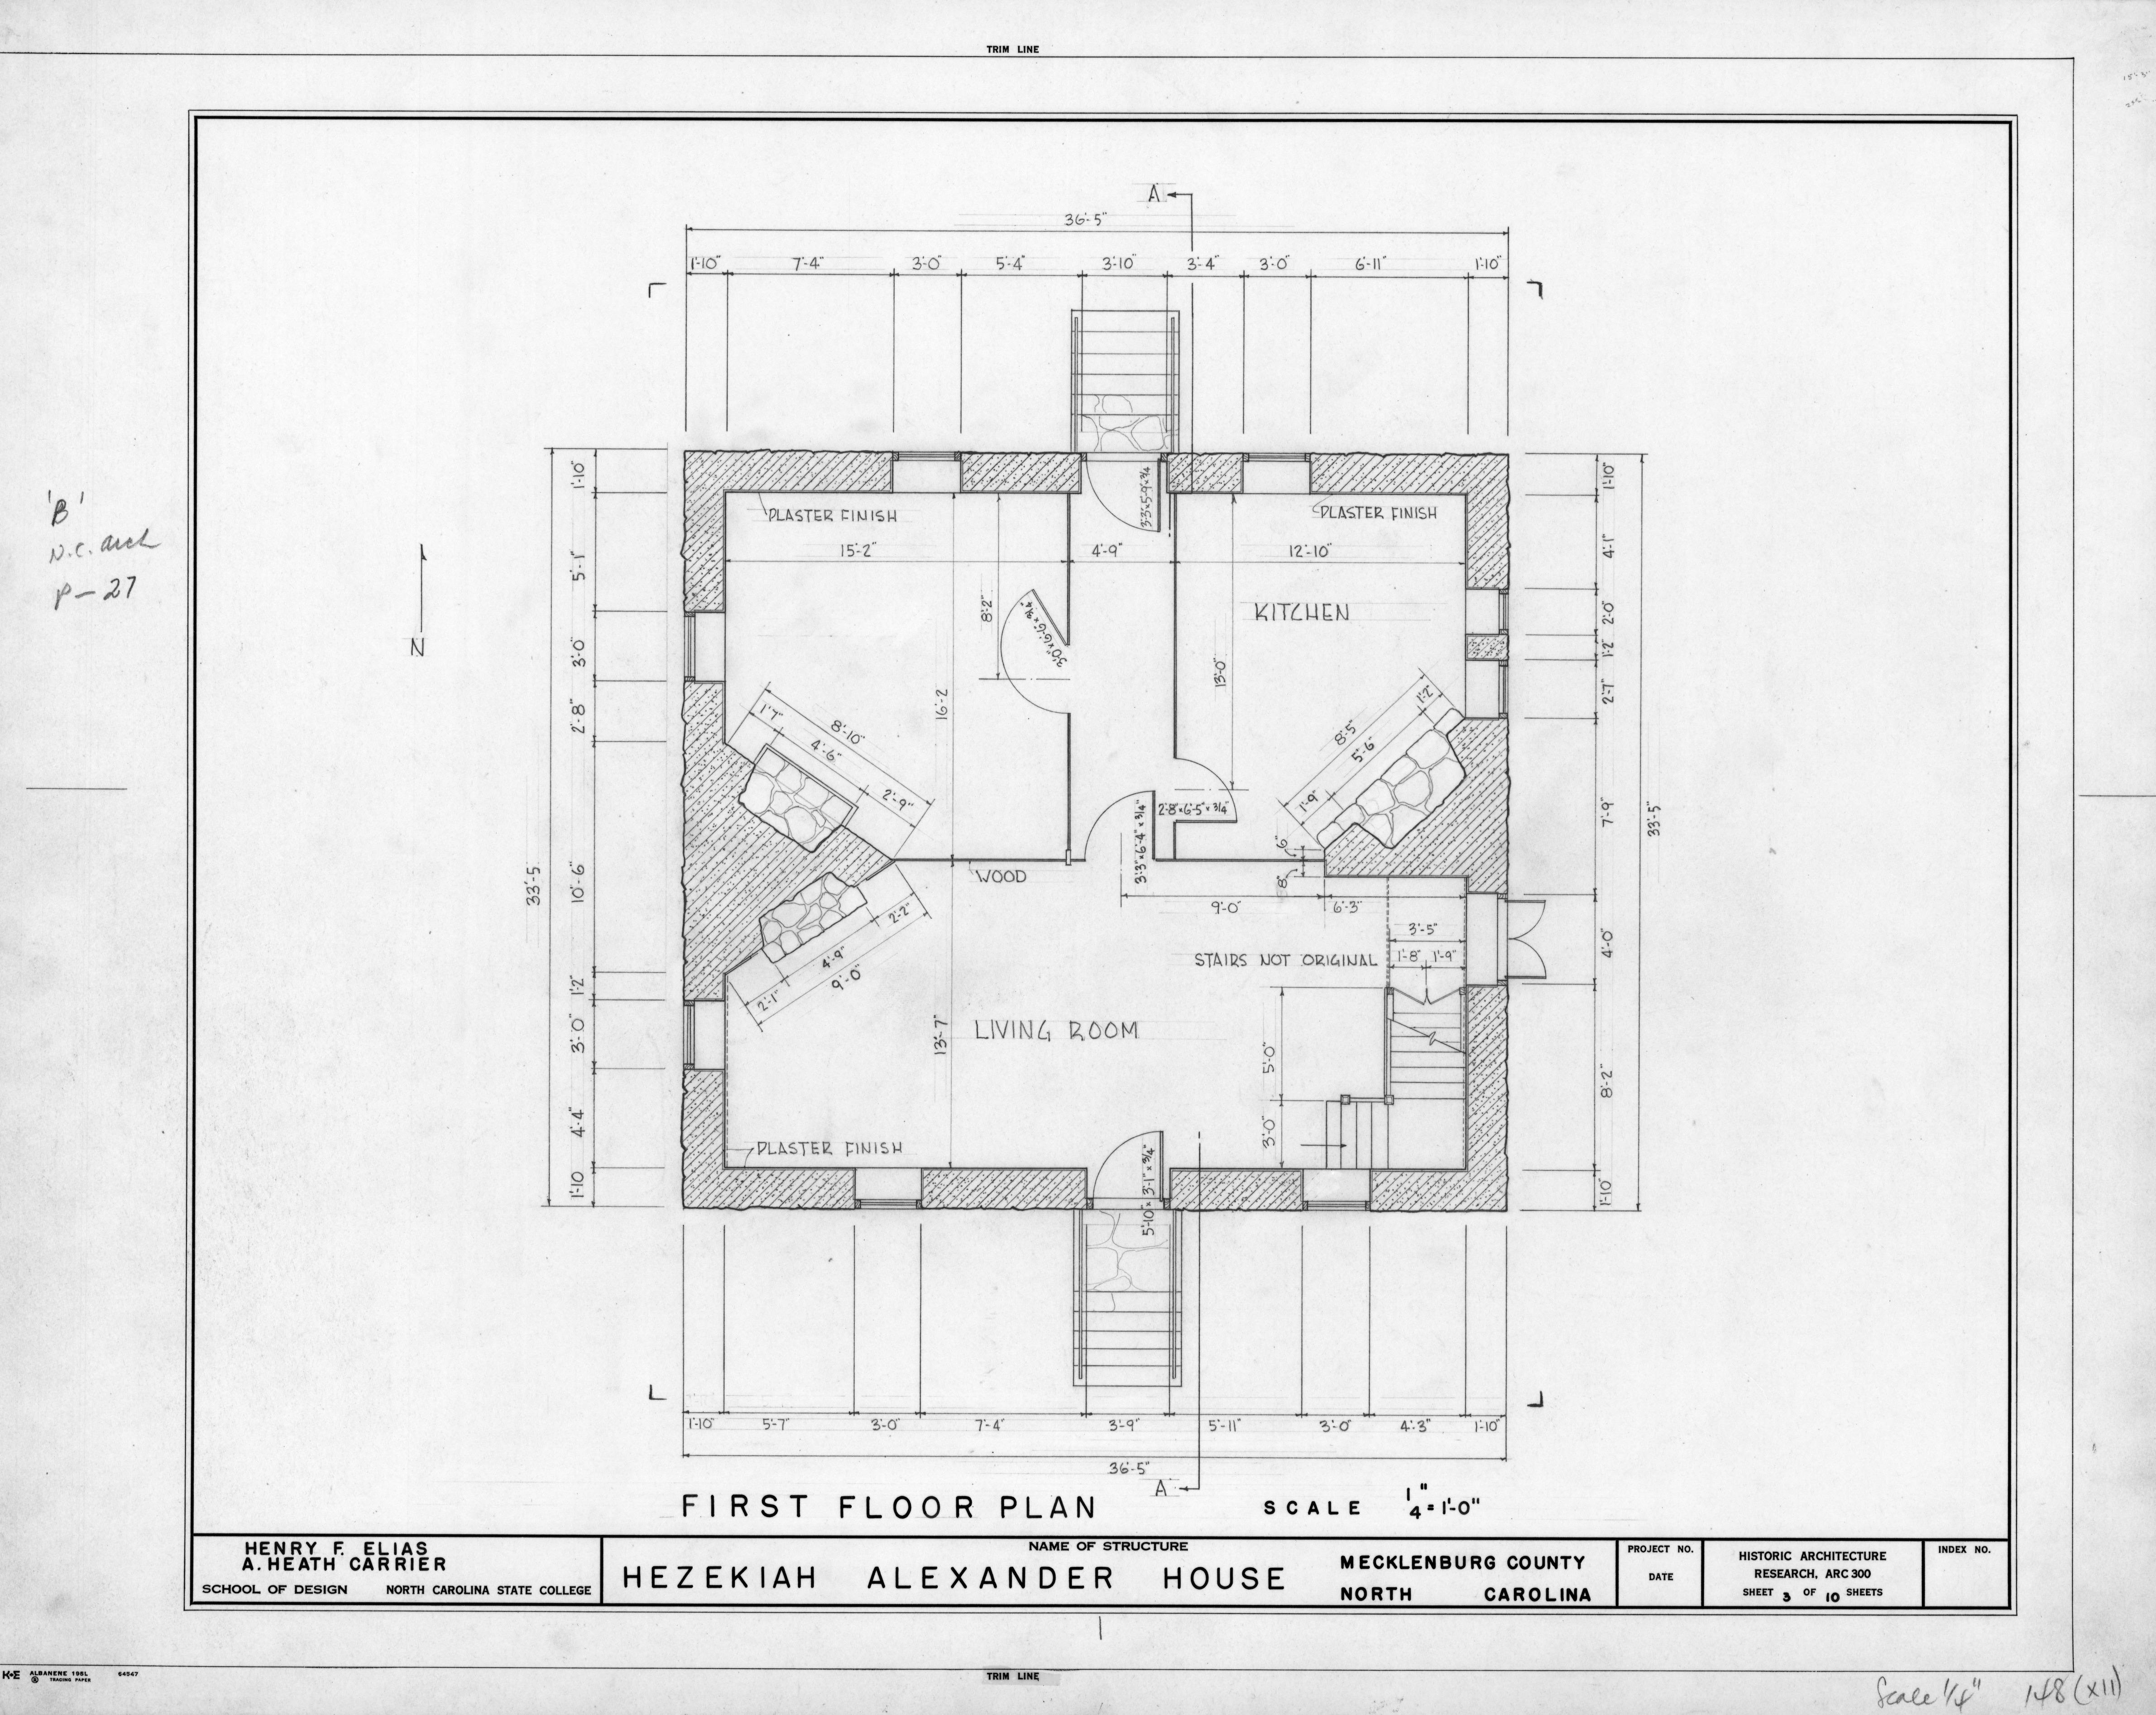 First Floor Plan Hezekiah Alexander House Mecklenburg